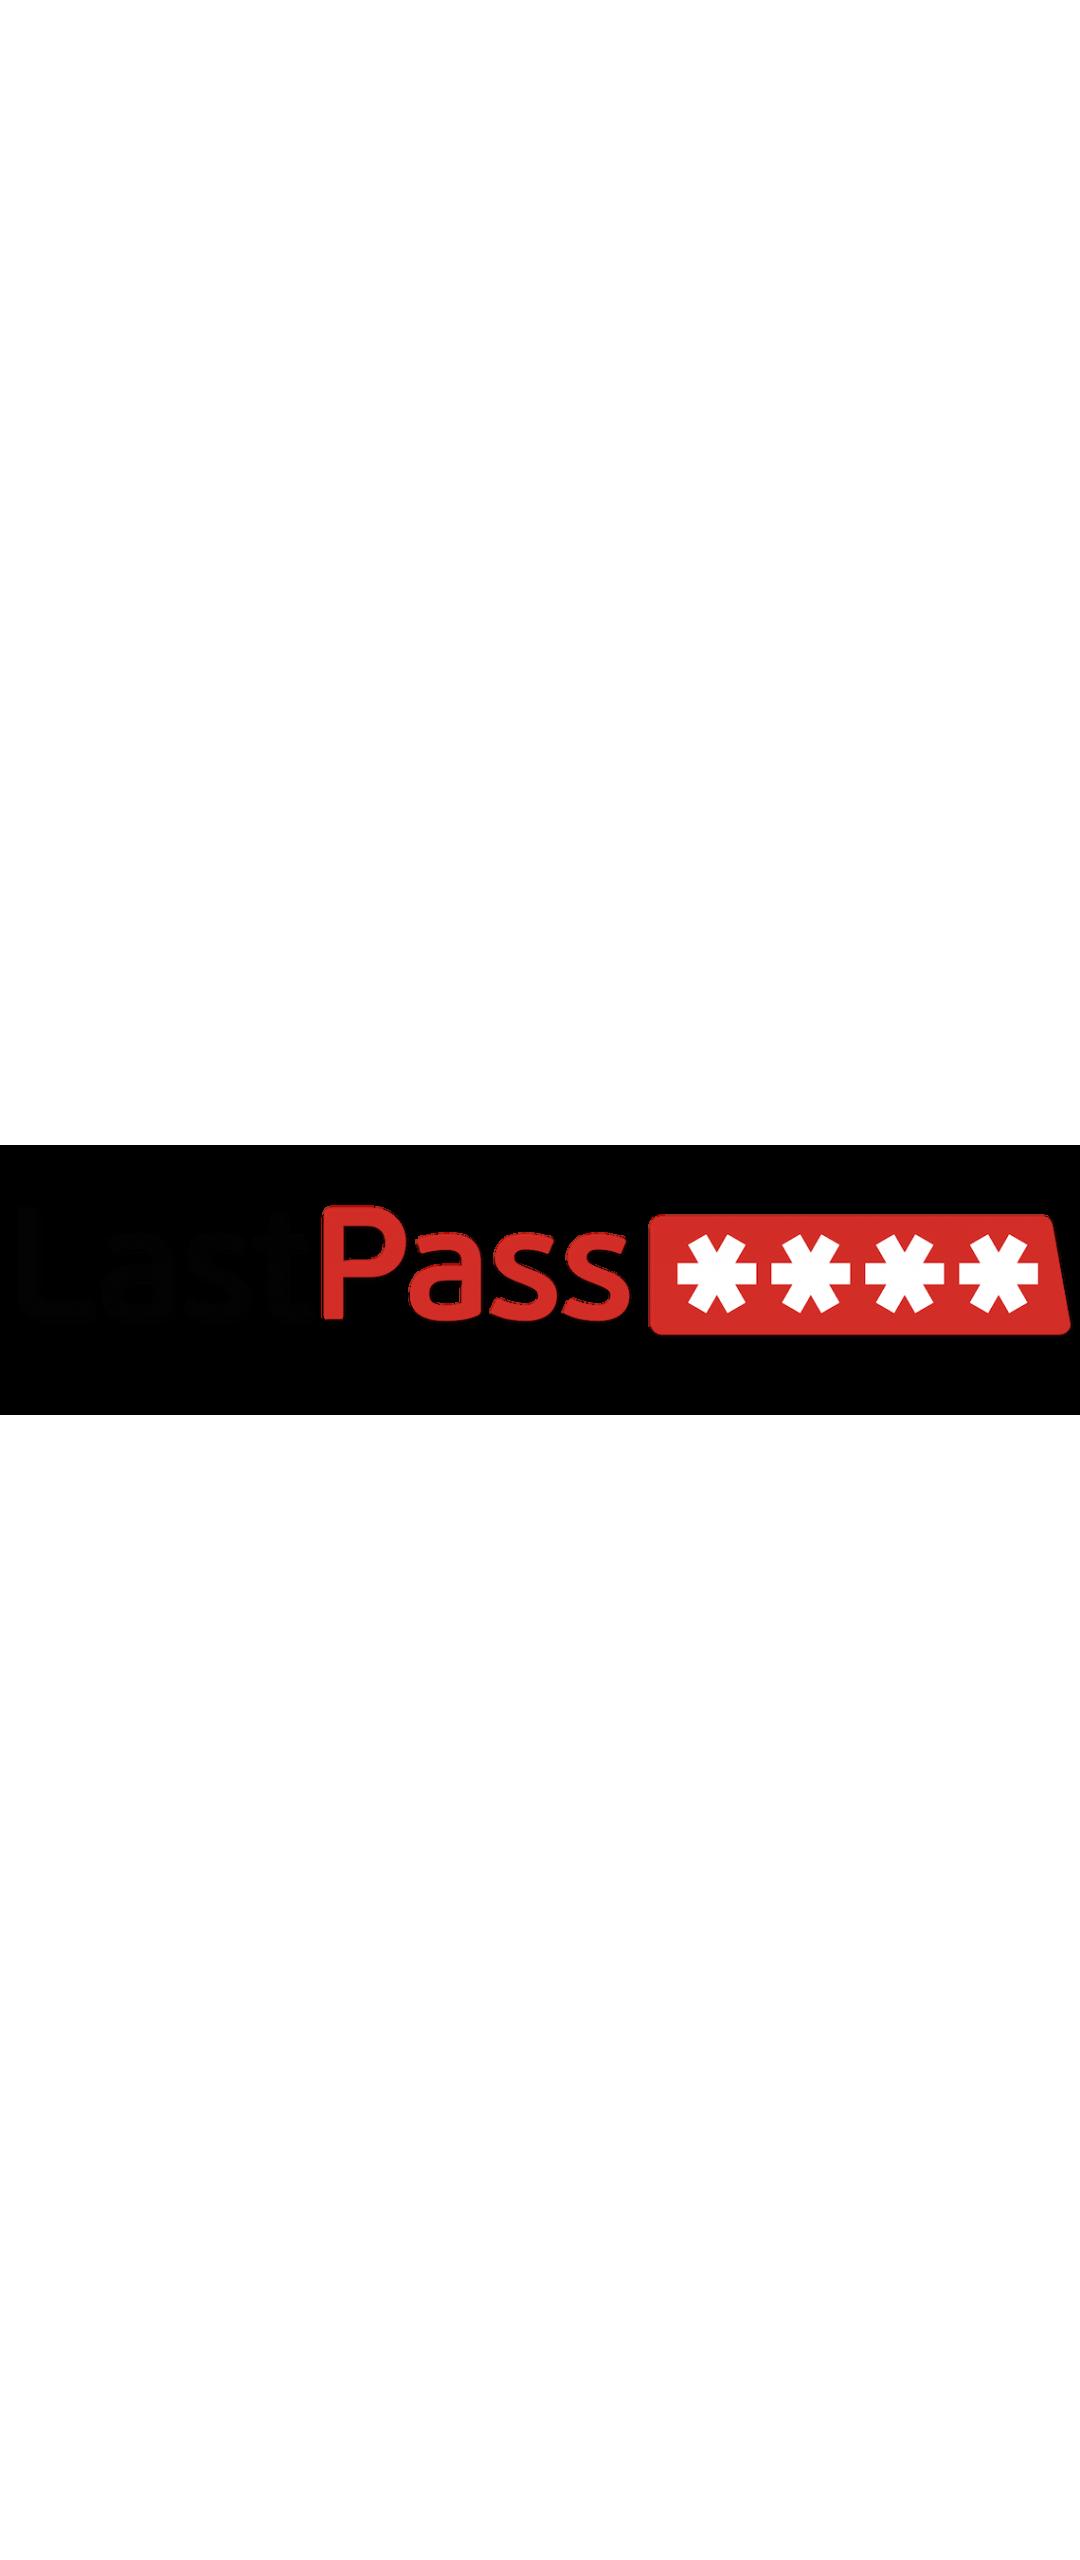 LastPass ya permite sincronizar gratis en múltiples dispositivos